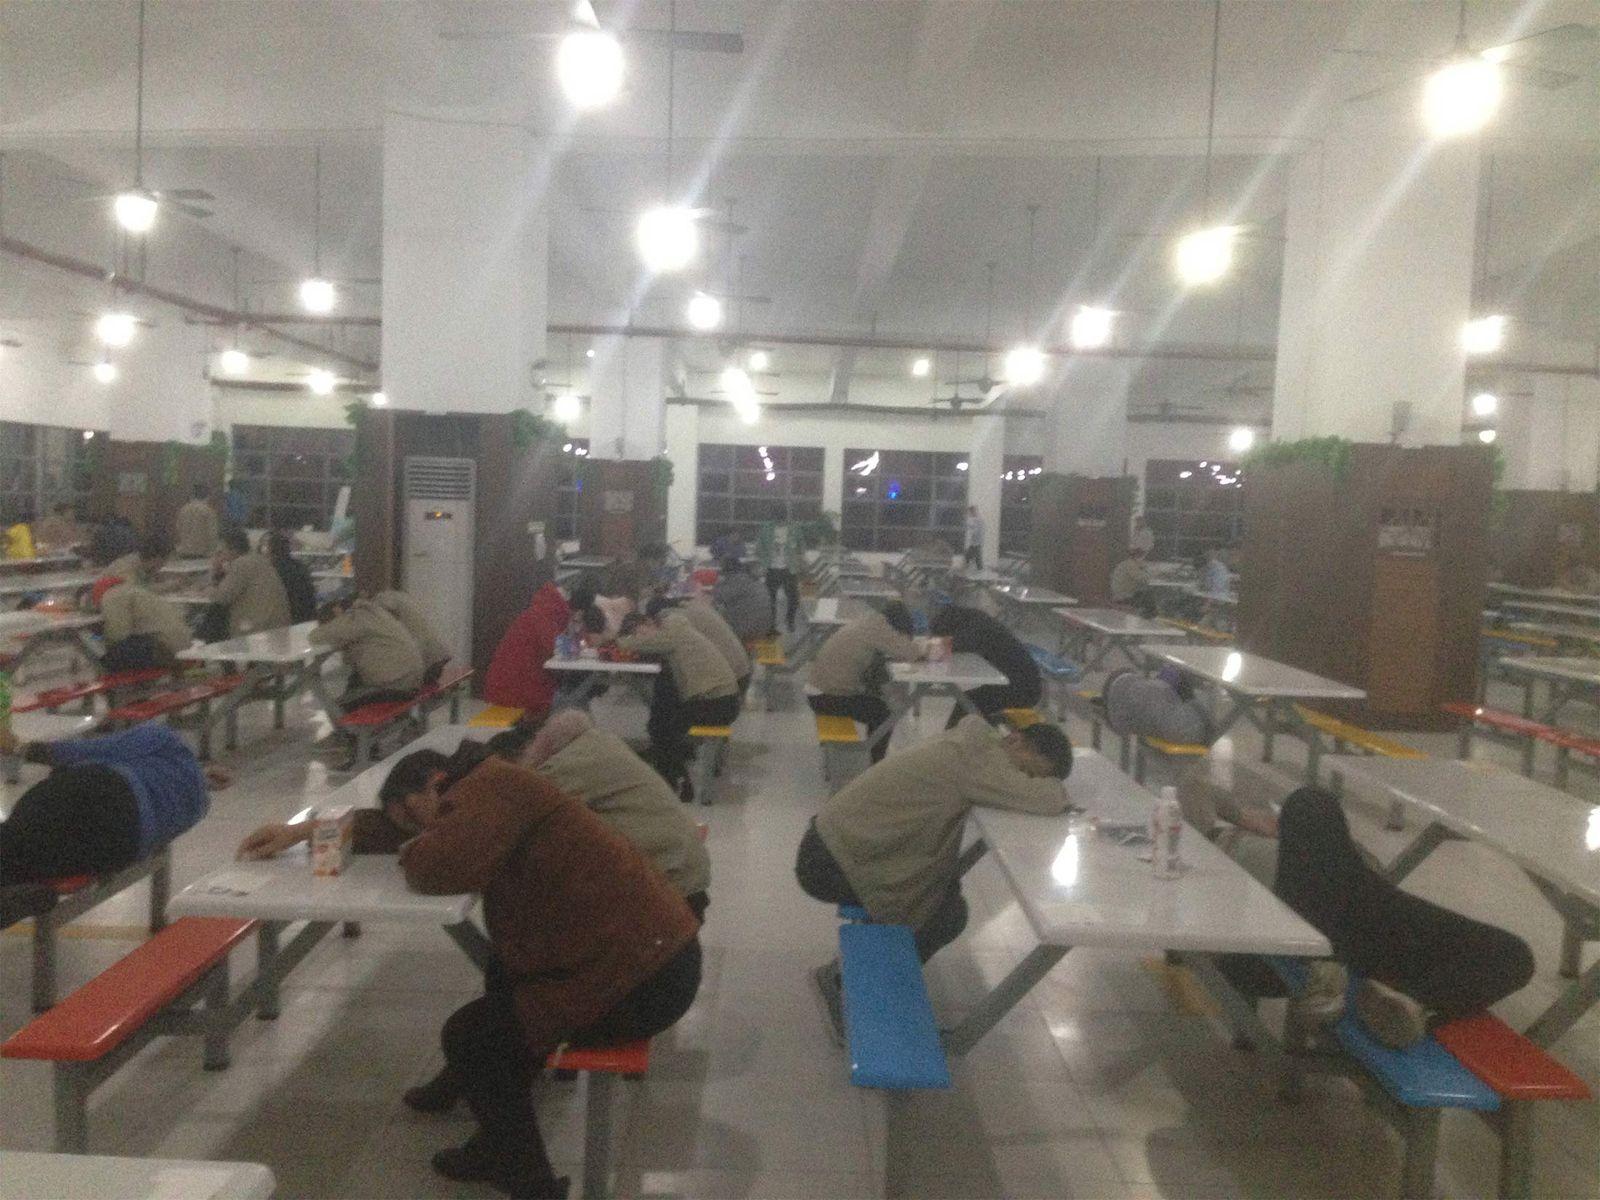 Empregados da Catcher dormem no horário de almoço no complexo em Suqian